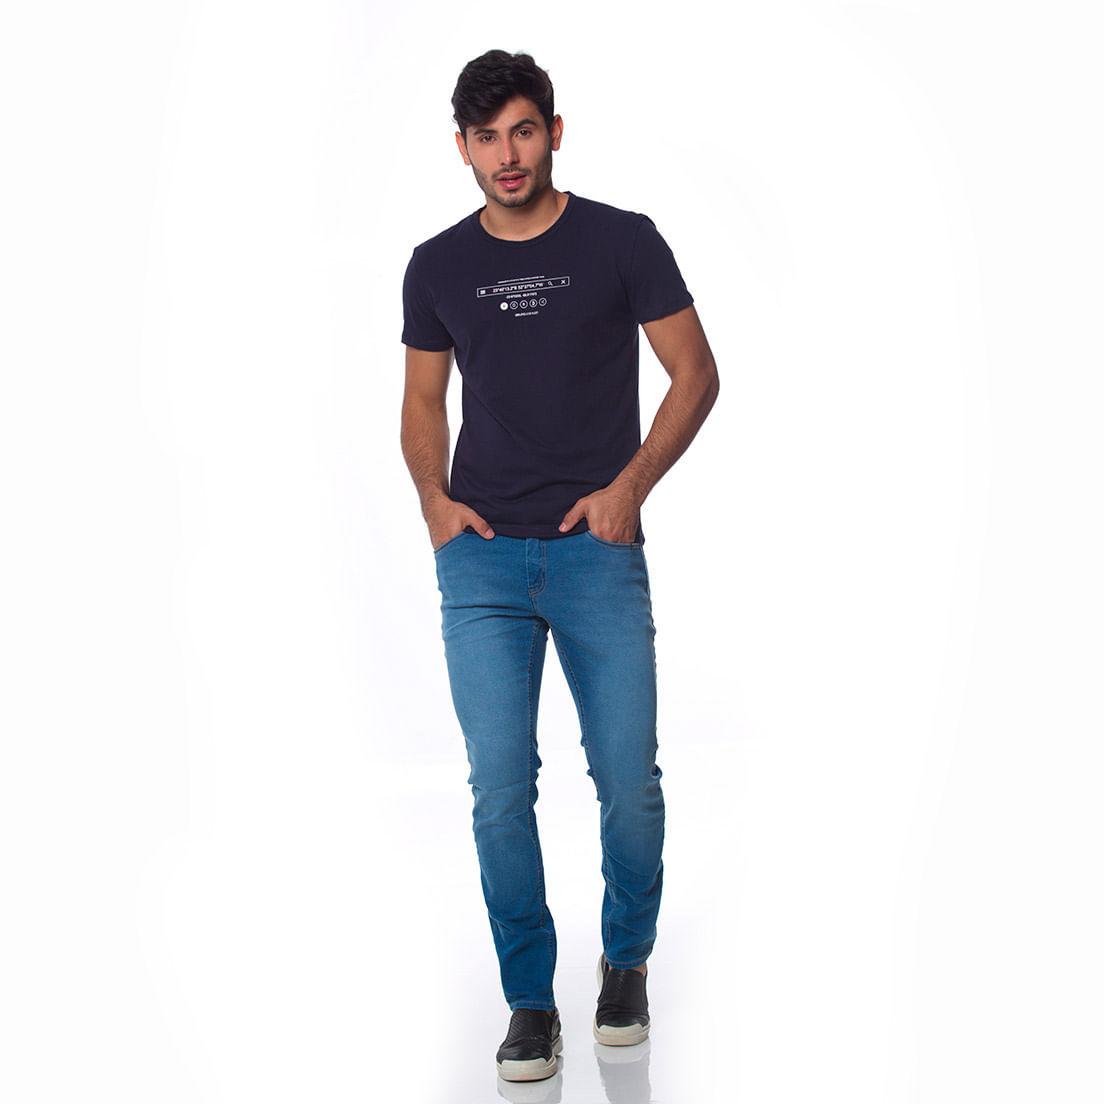 Camiseta Osmoze Sem Ribana 06 110112848 Marinho